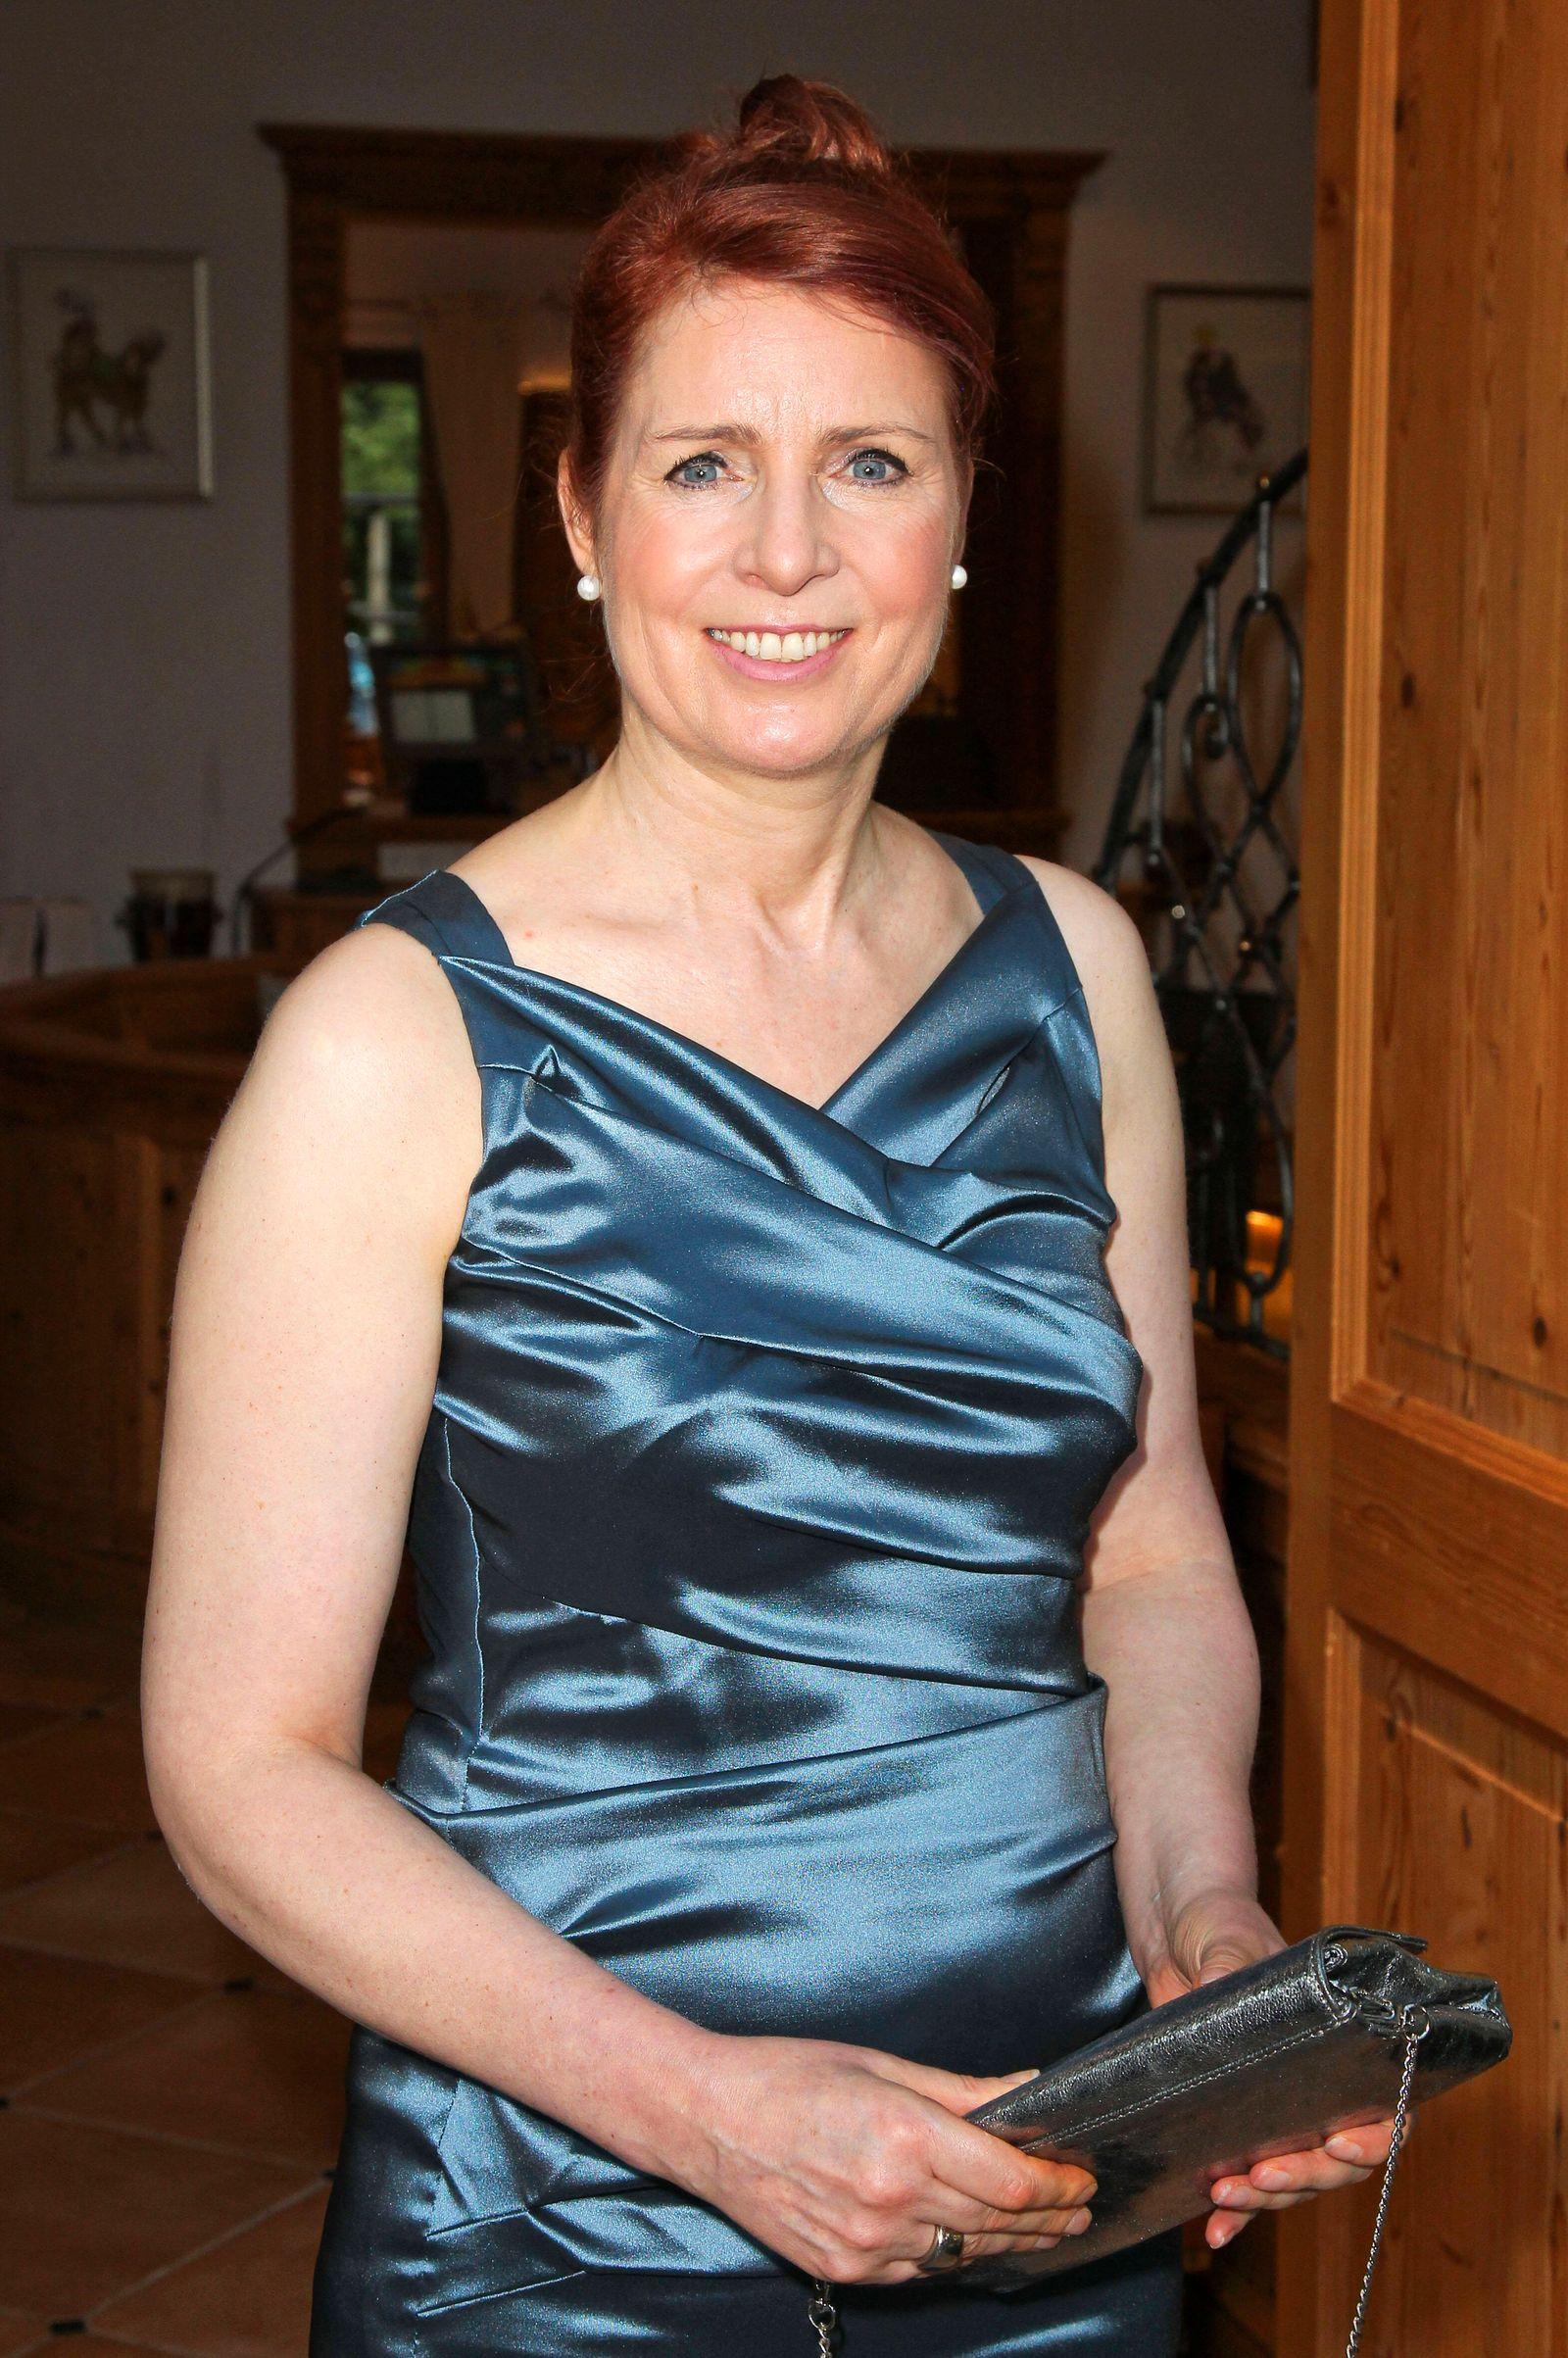 Monica Lierhaus beim 3. Dinner Royal zugunsten der Stiftung Deutsche Schlaganfall-Hilfe in der Grünwalder Einkehr. Grünw